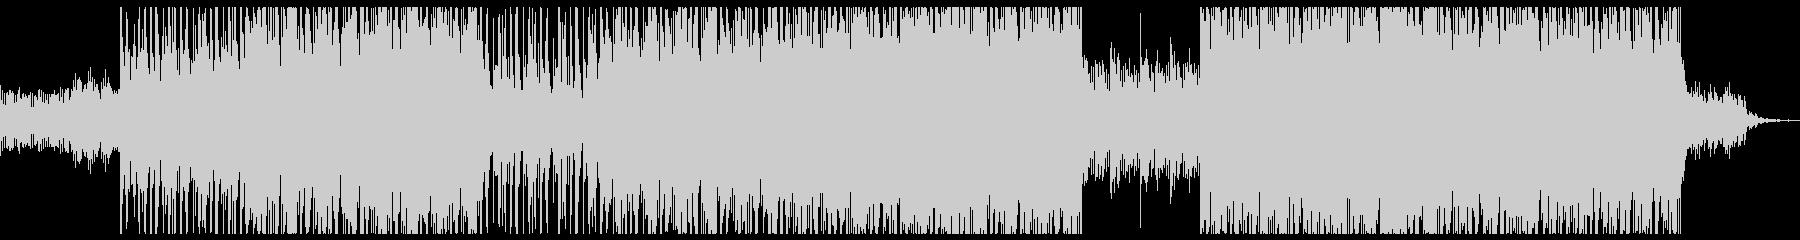 サイバー 重厚な機械イメージのロックの未再生の波形